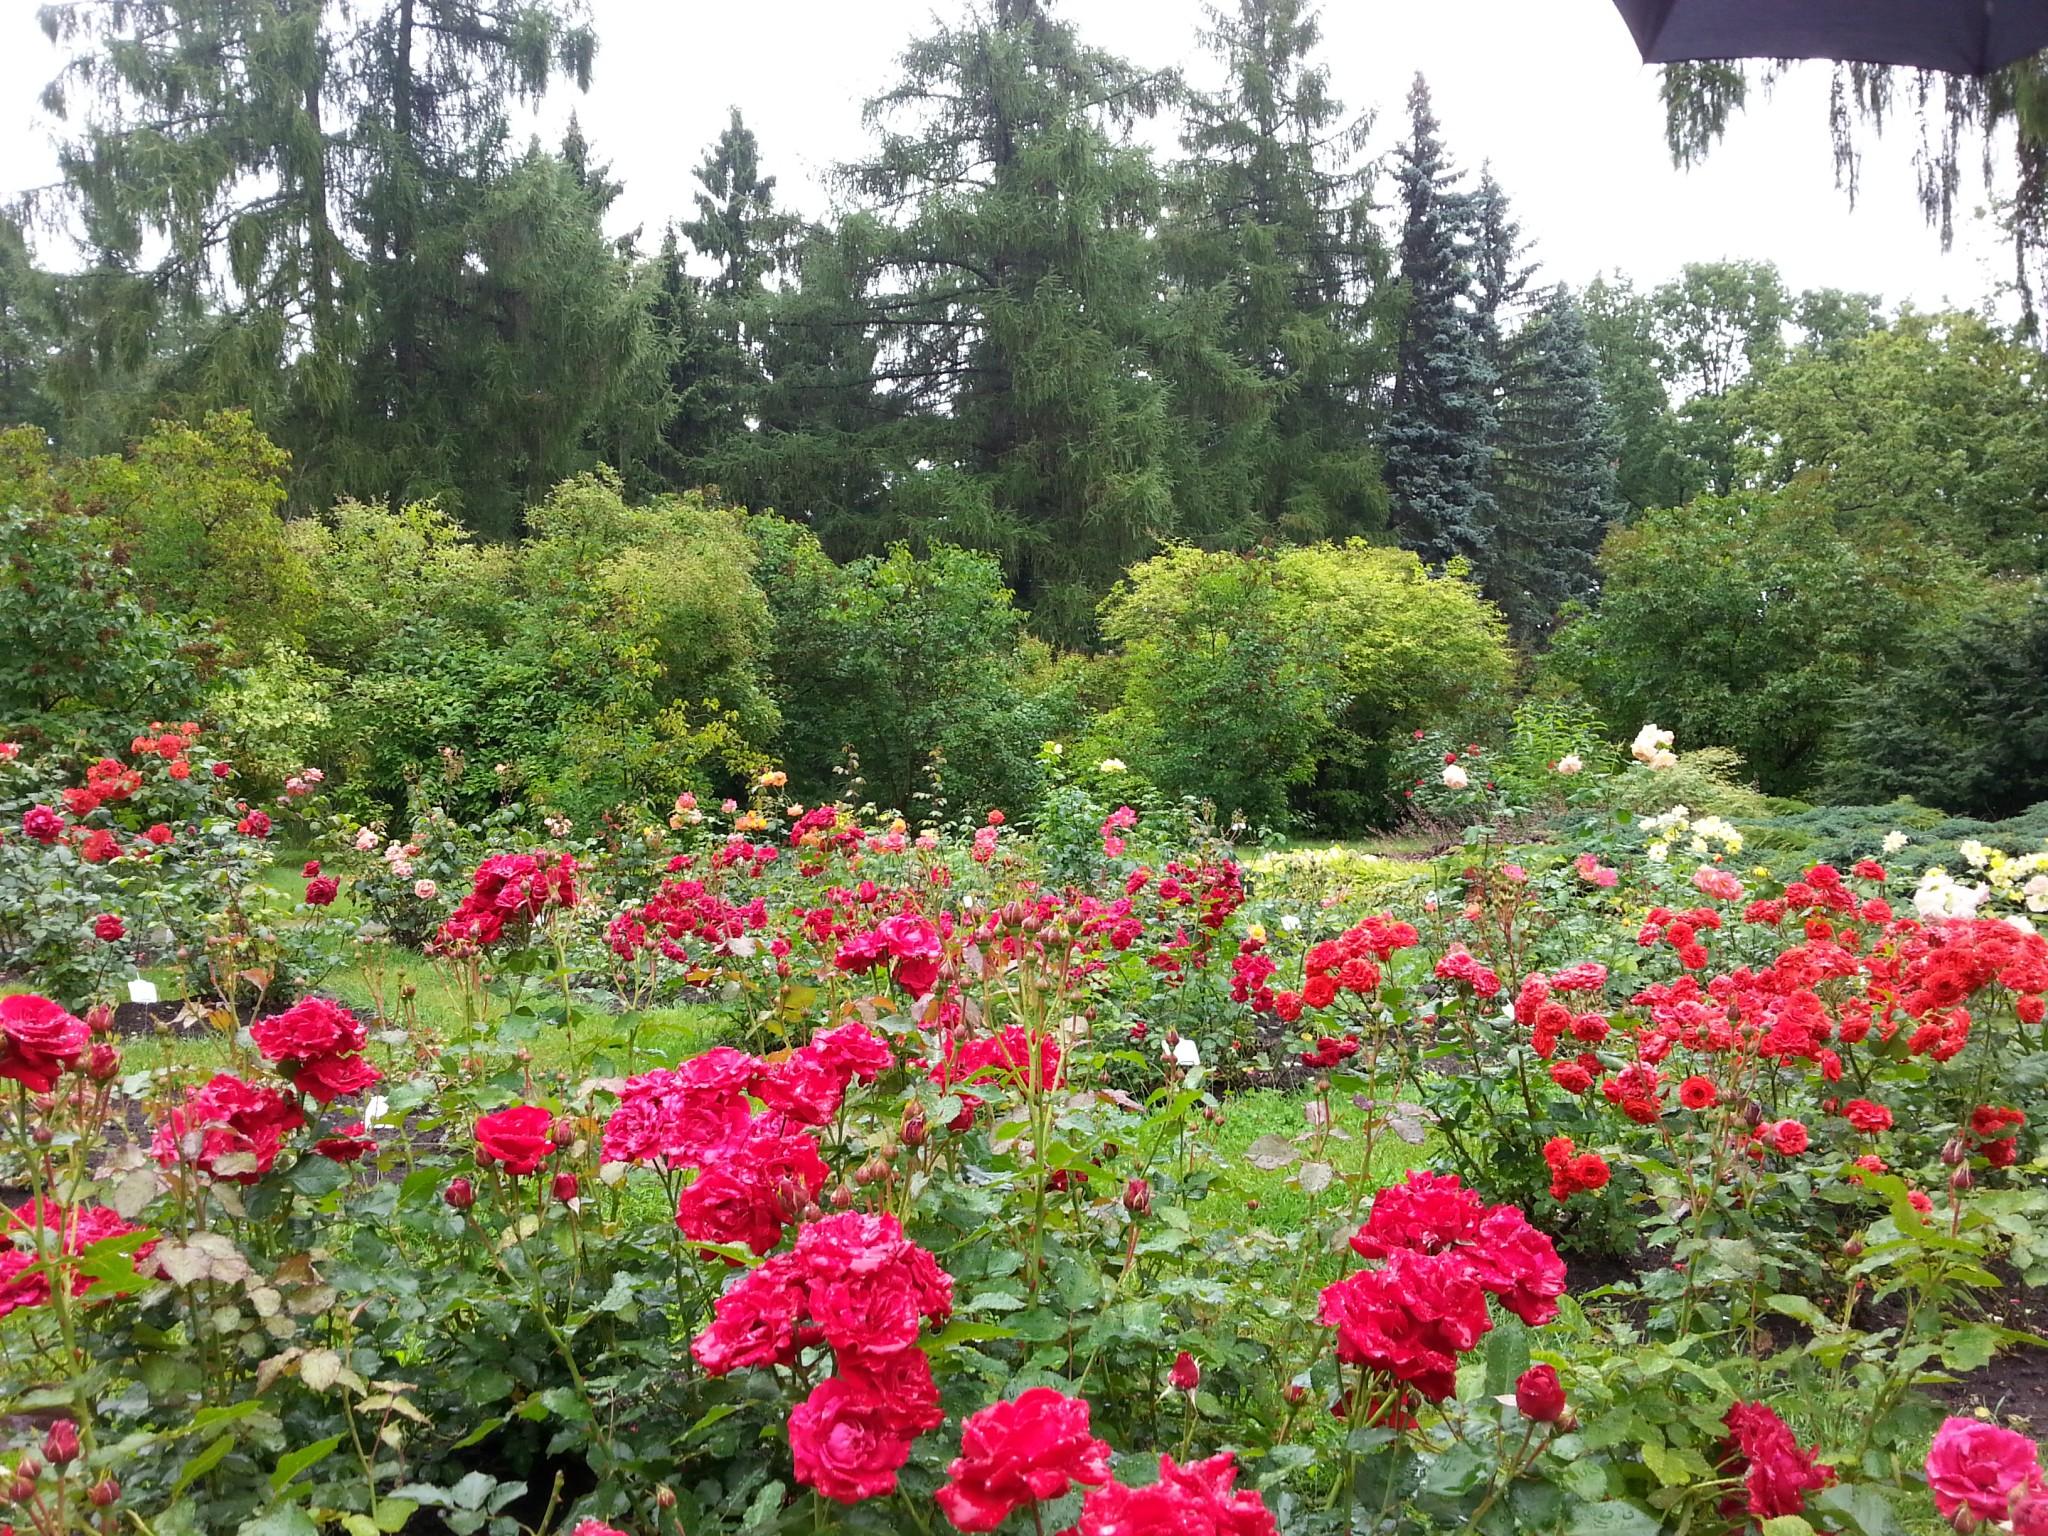 Onneksi näitä puutarhoja on kaikissa suurimmissa yliopistokaupungeissa. Vaikka en omaa puutarhaa koskaan saisikaan, on ihana tietää, että nämä paikat ovat avoimia kaikelle kansalle nautittavaksi!